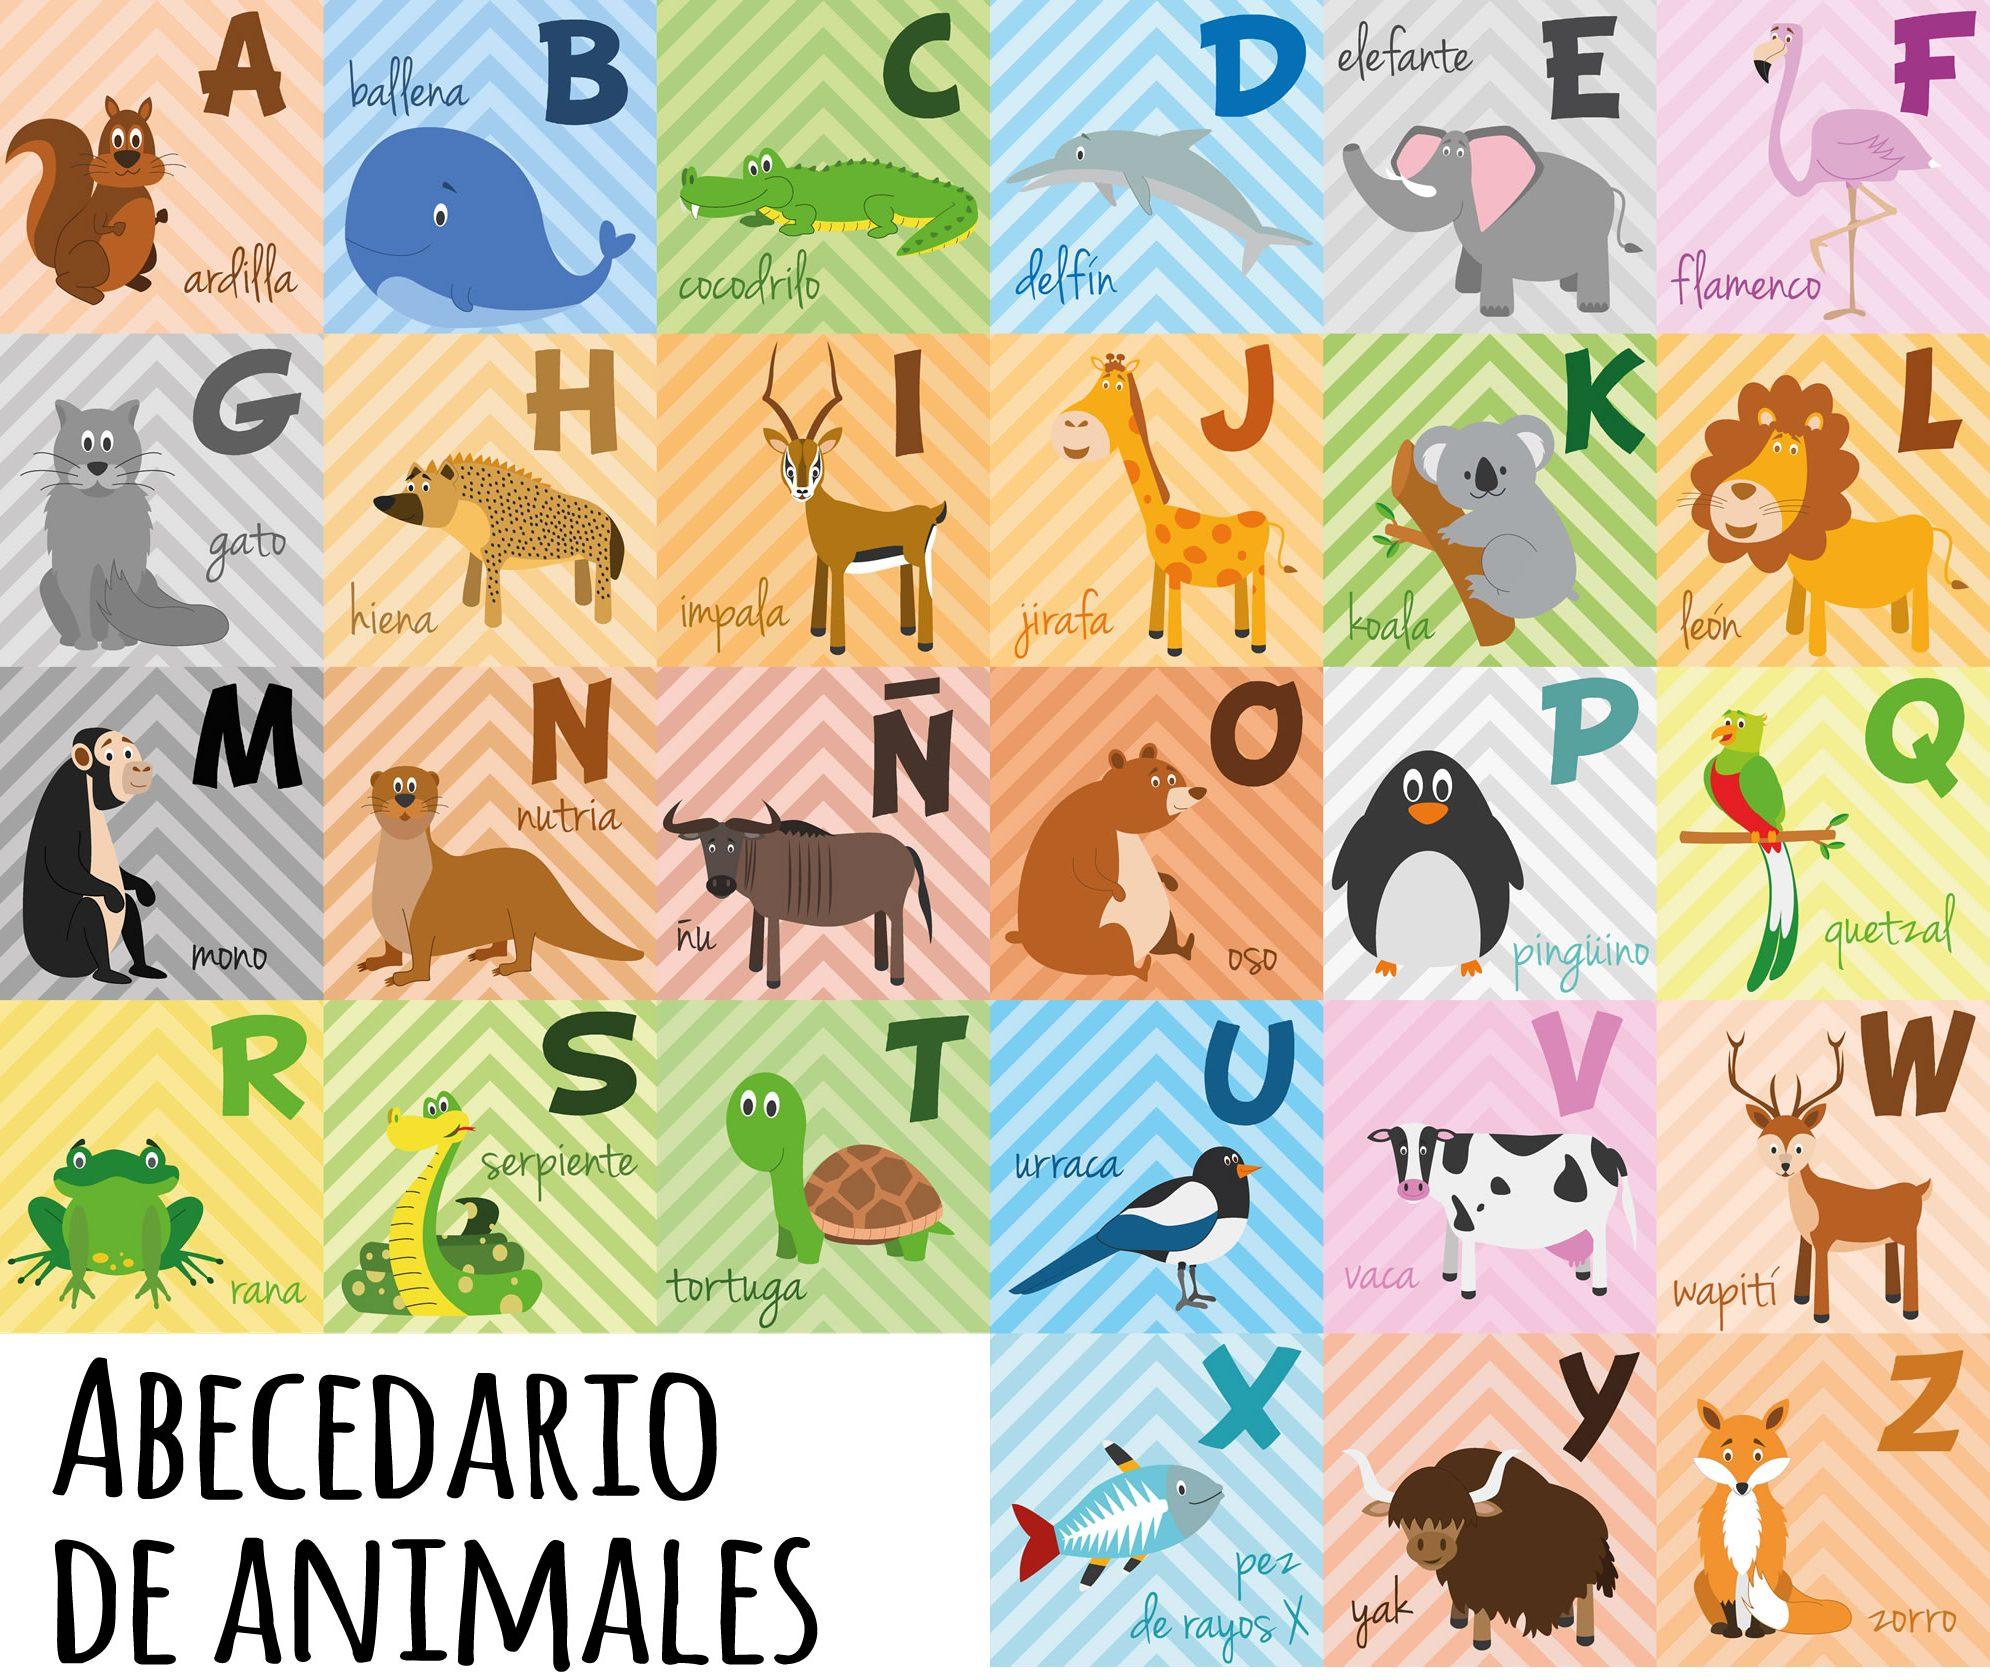 abecedario animales español